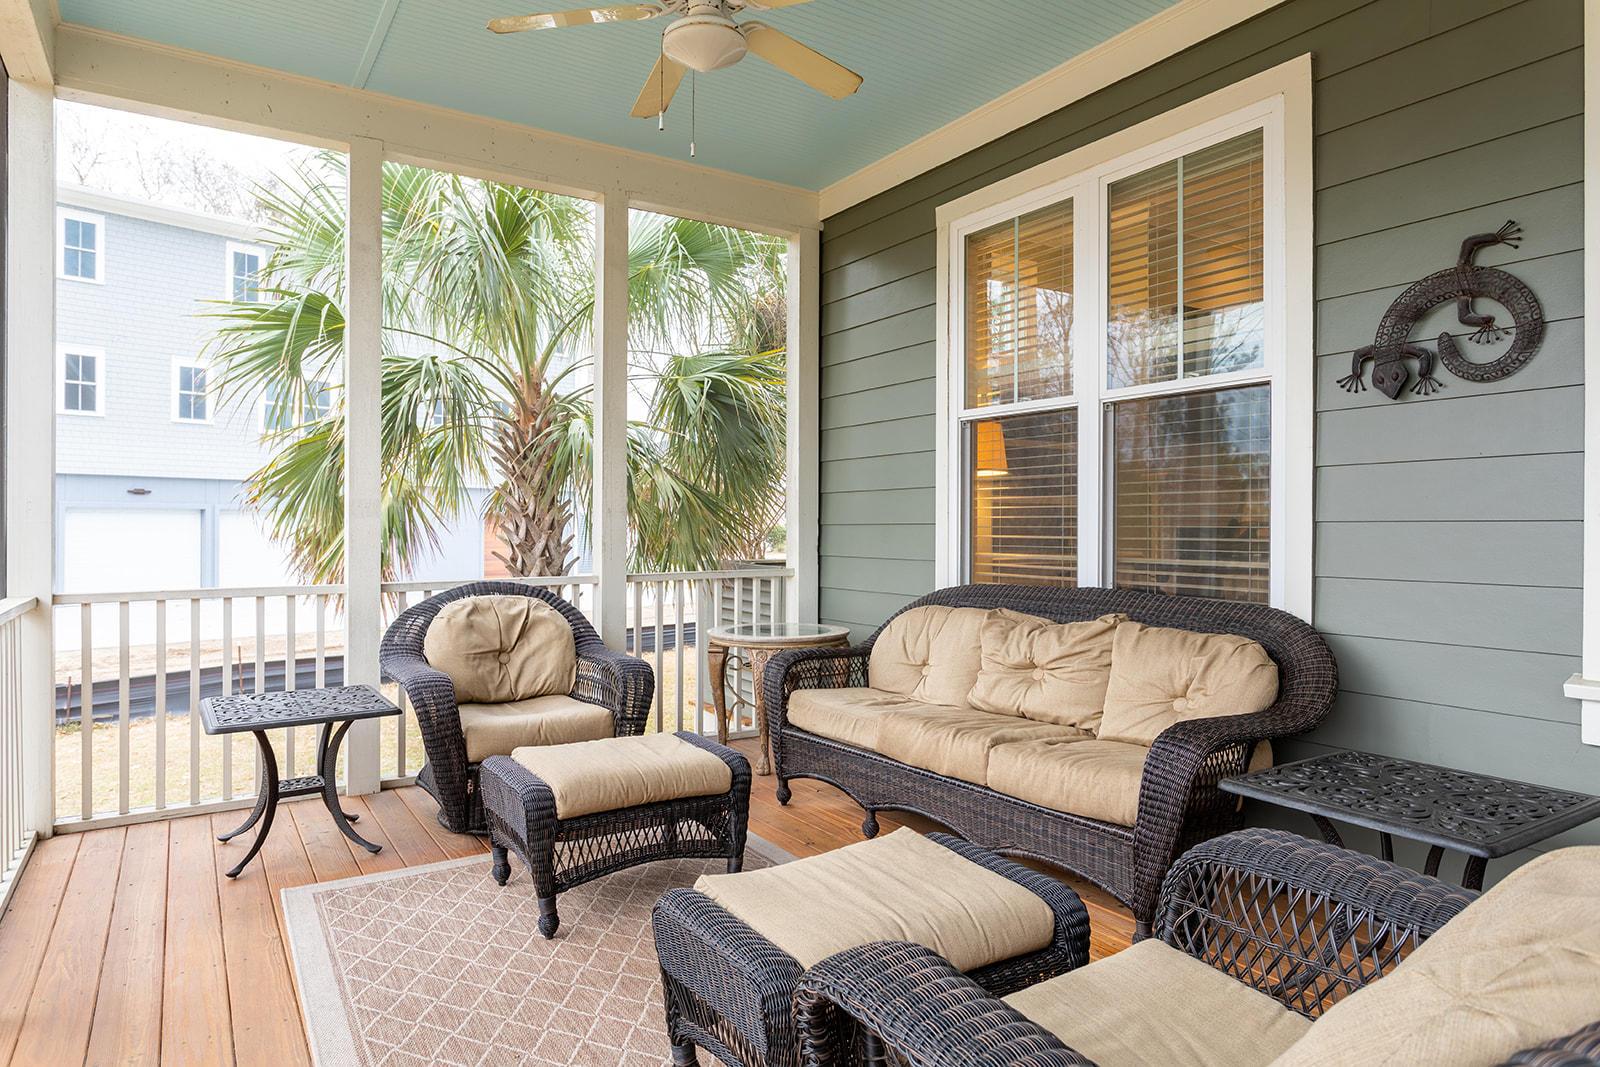 Dunes West Homes For Sale - 3019 Yachtsman, Mount Pleasant, SC - 29